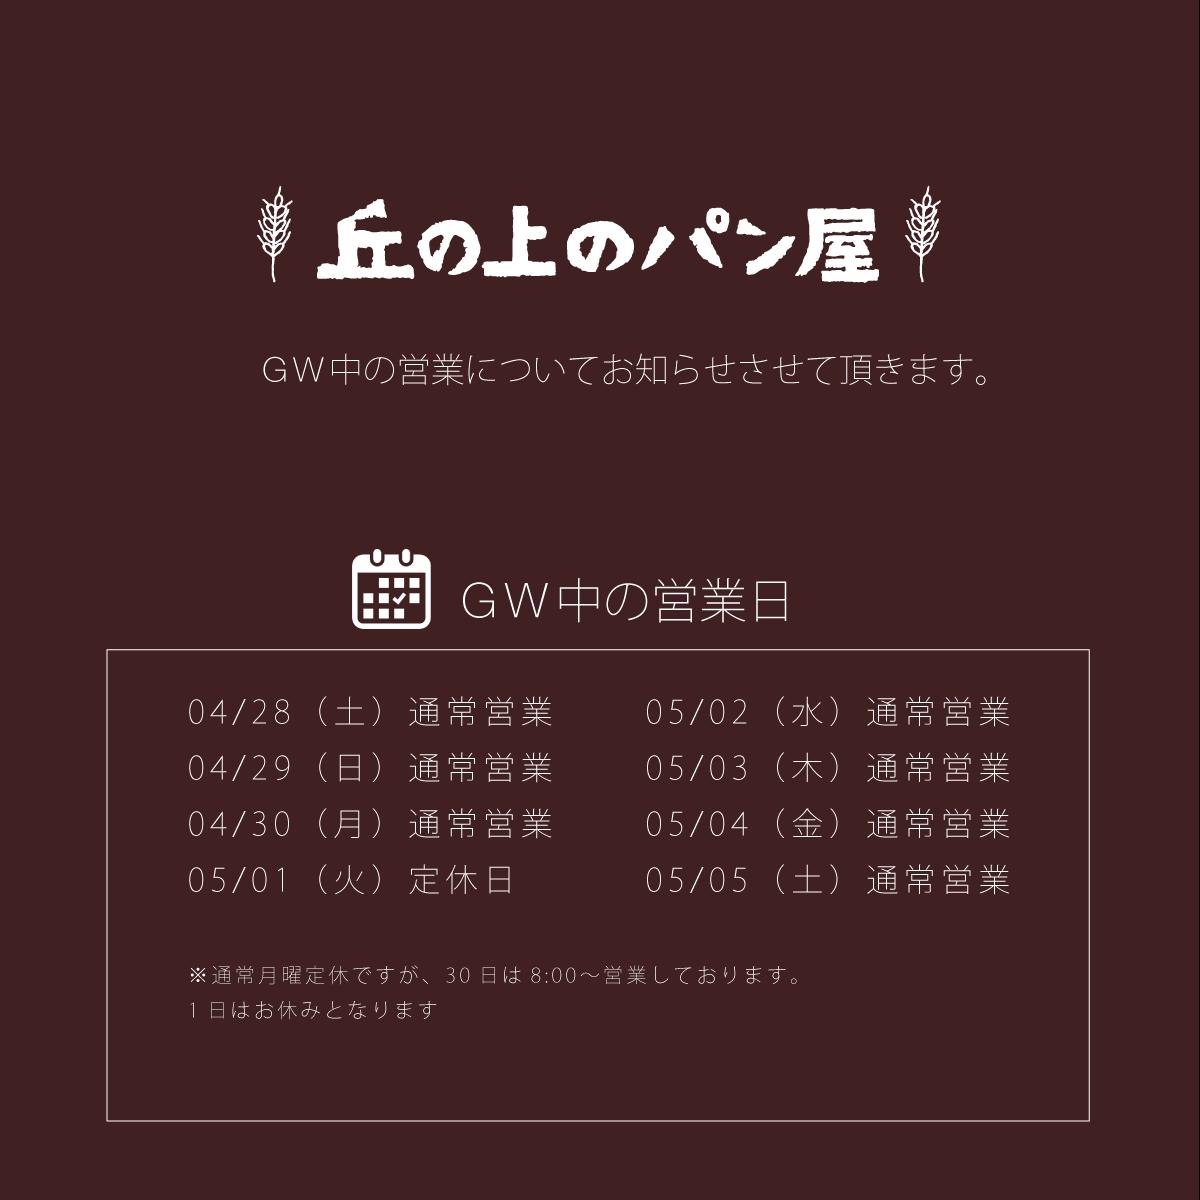 GW中の営業について(2018.04.29)